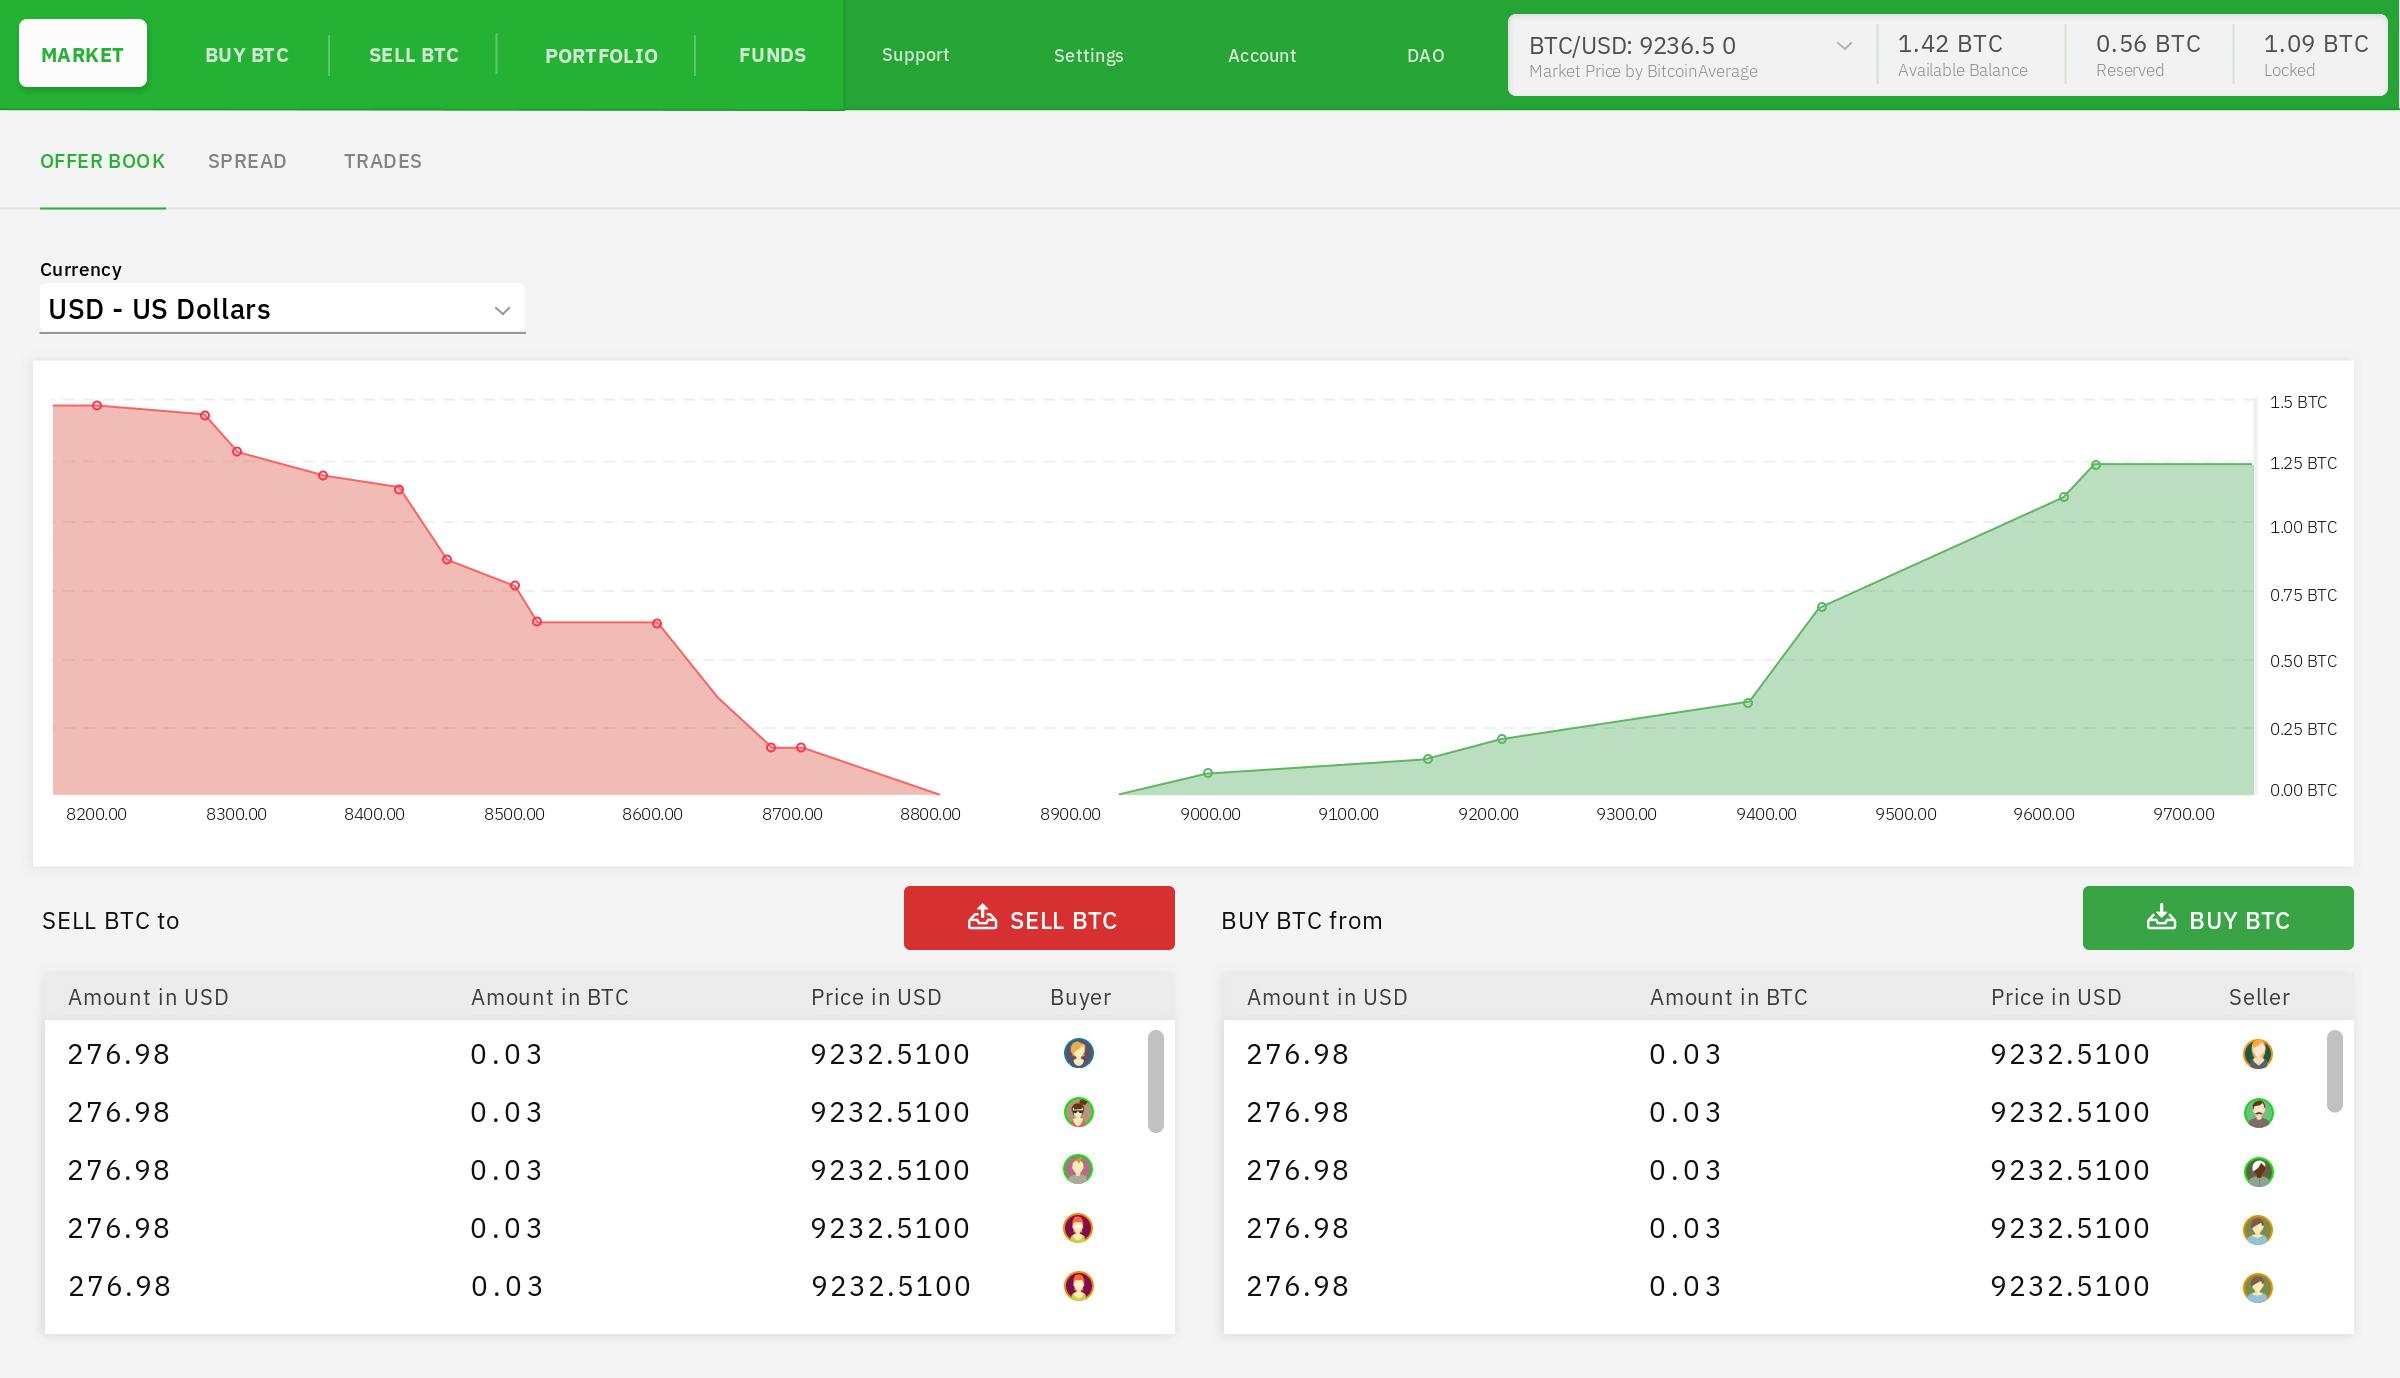 Őrült piramisjáték robbant be Magyarországra - 9000% hozam egy év alatt?